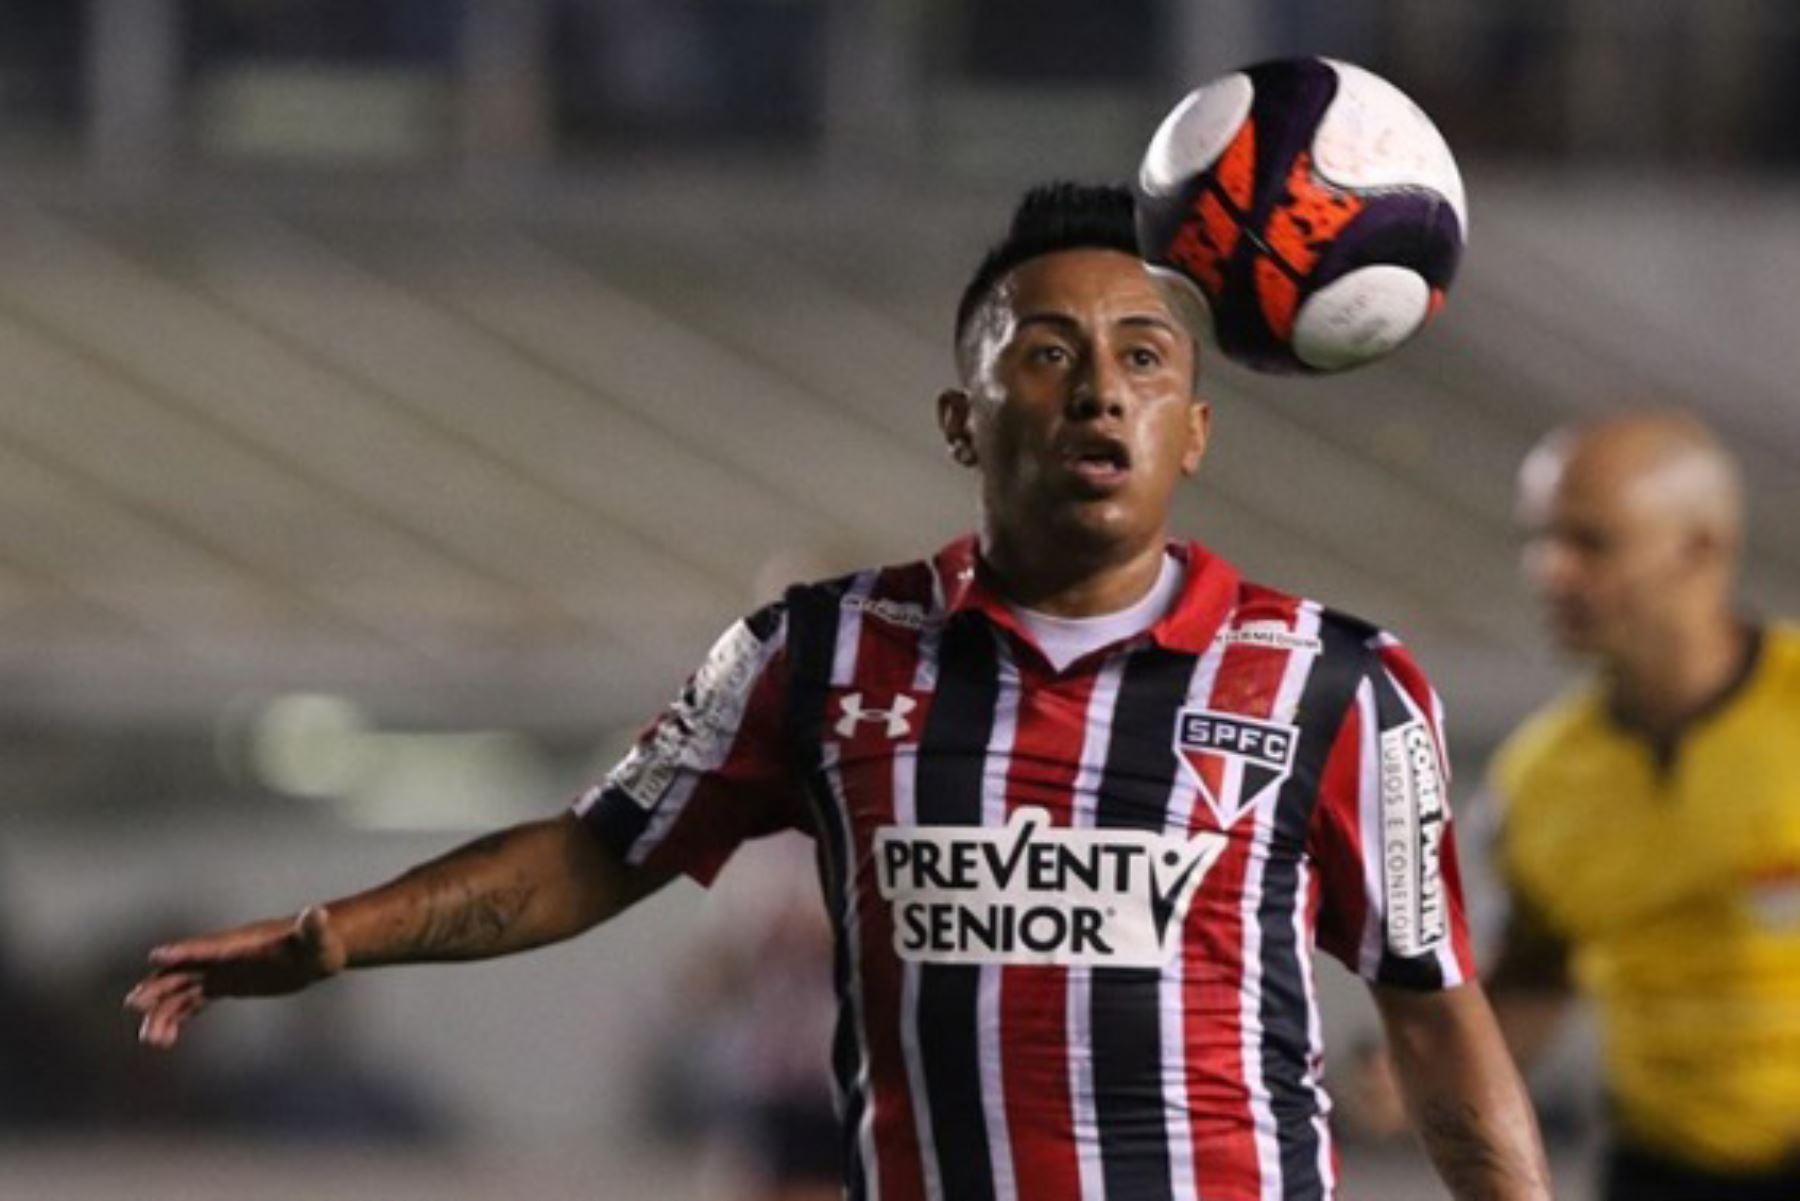 Christian Cueva debutó con el Sao Paulo el 26 junio del 2016 contra el Fluminense y con marcador a favor de 3 a 1. Foto: Difusión